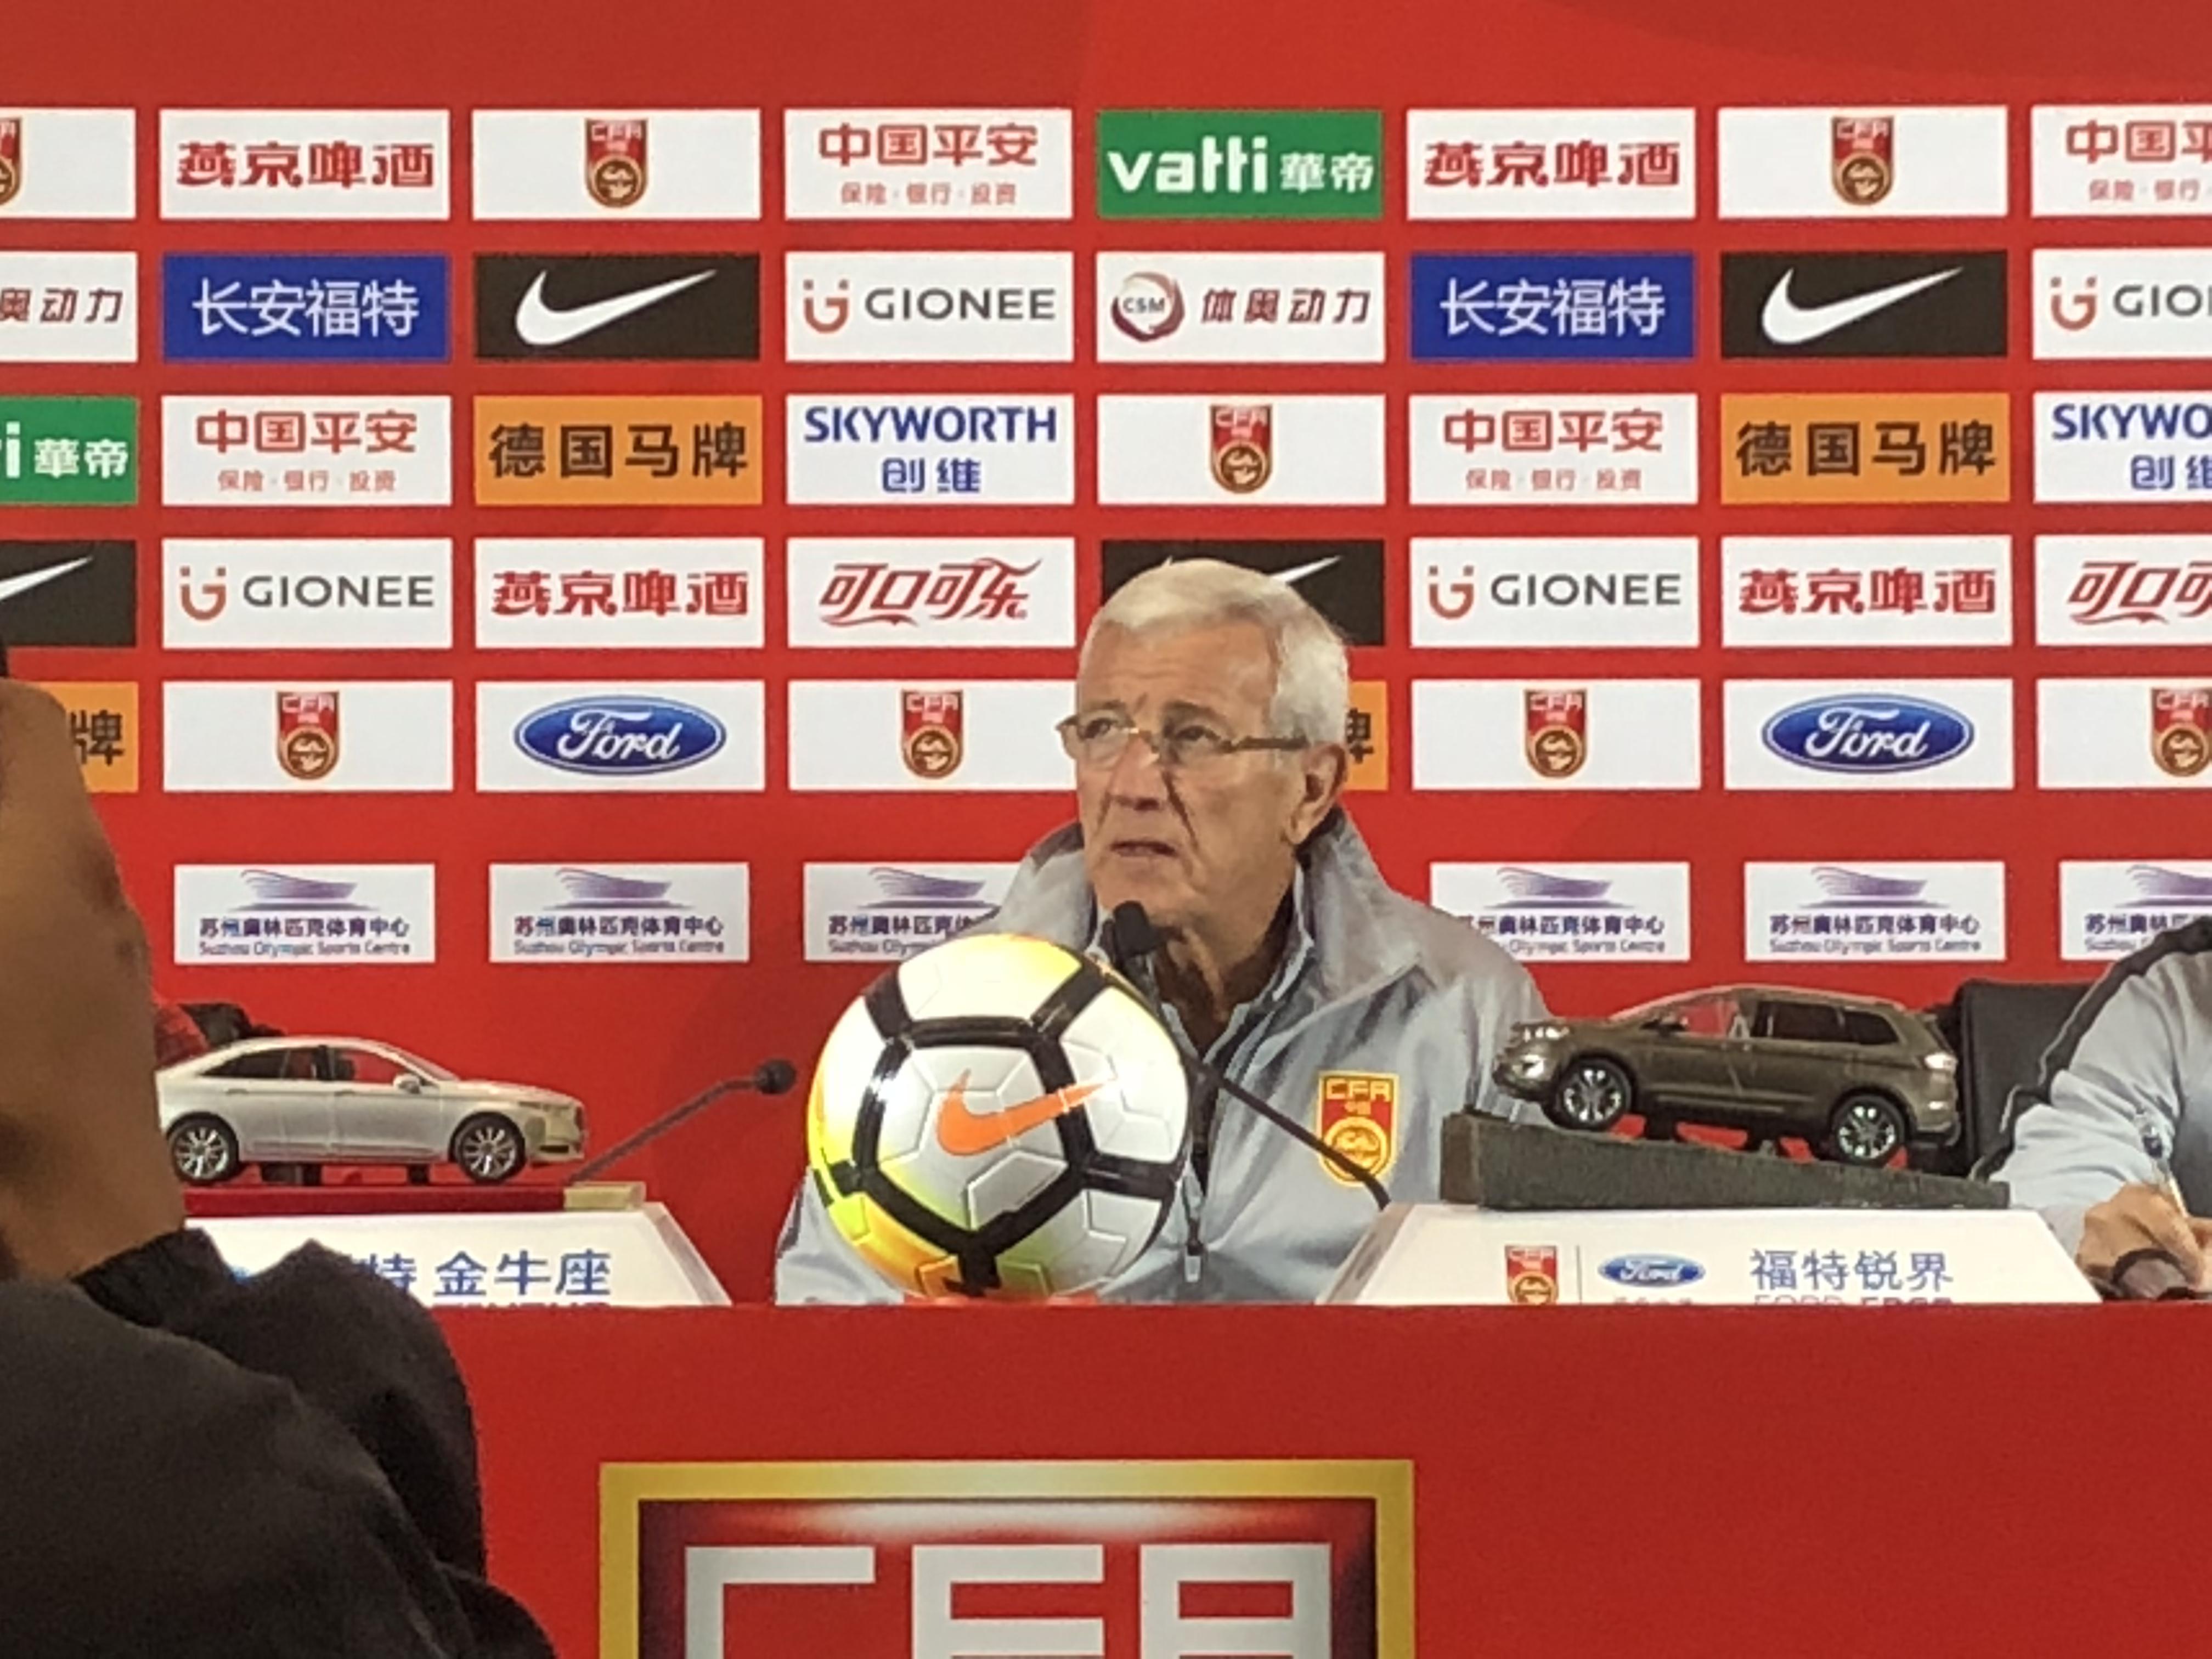 里皮:郑智明天不会登场 平衡U25集训队?以后再说吧